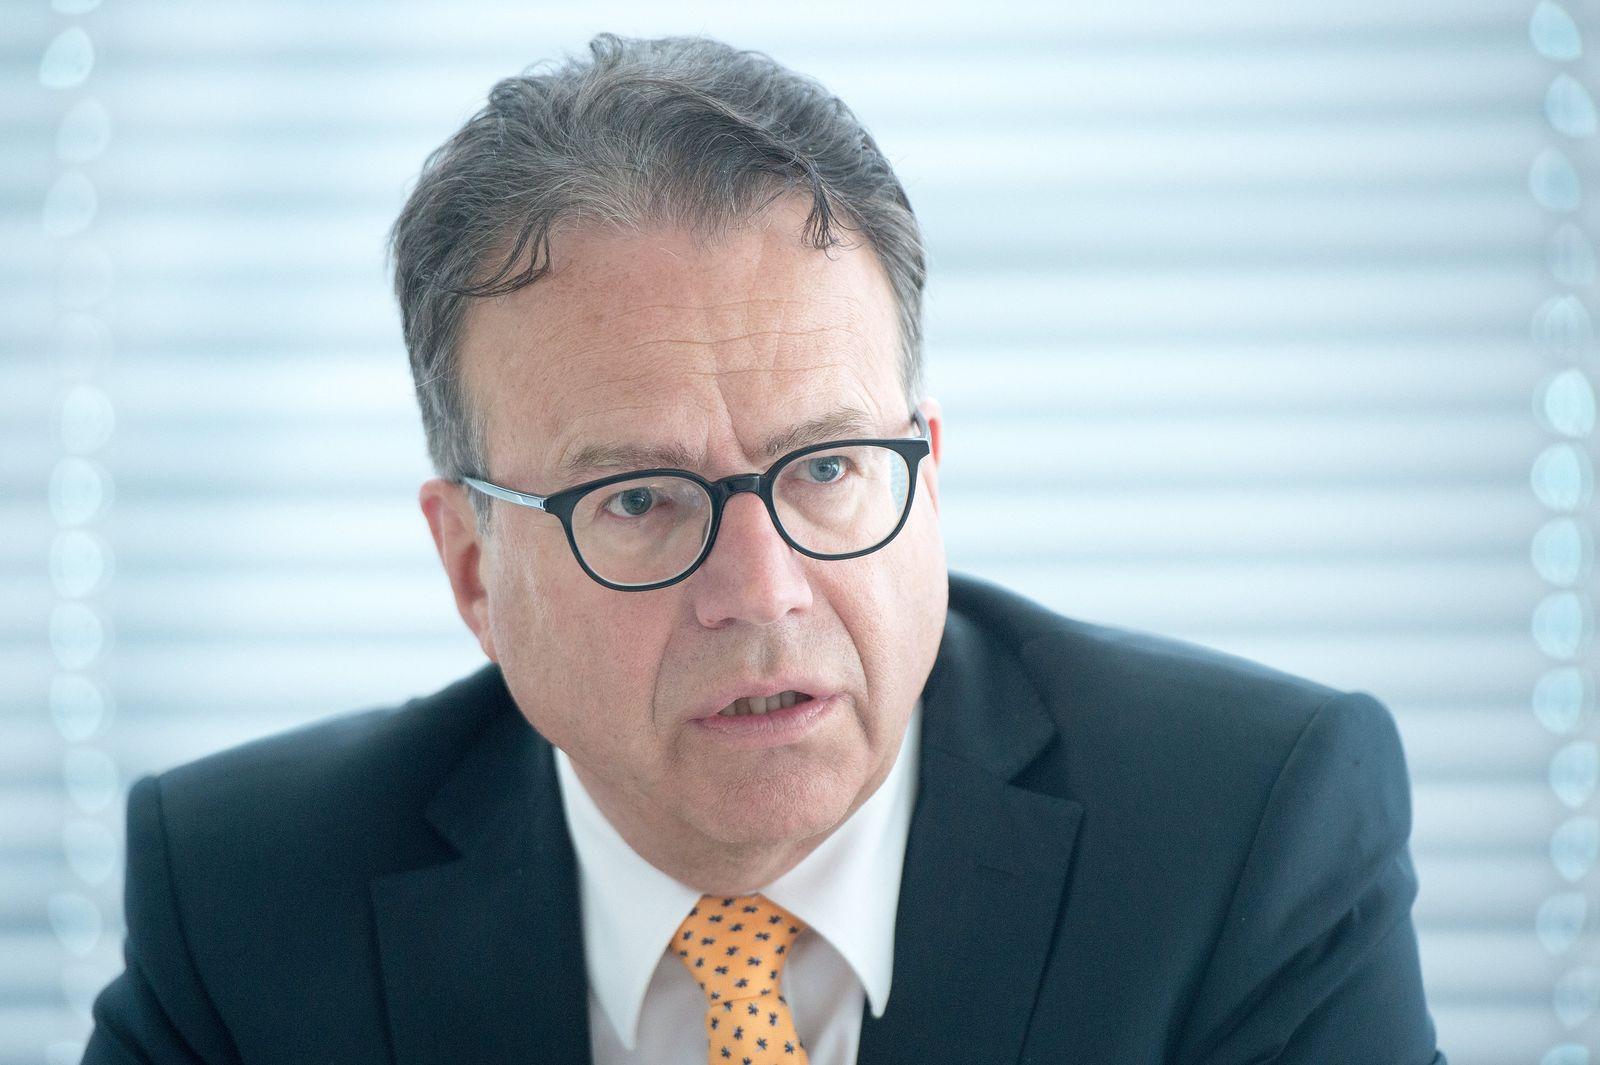 Frank-Jürgen Weise, Vorsitzender der Bundesagentur für Arbeit